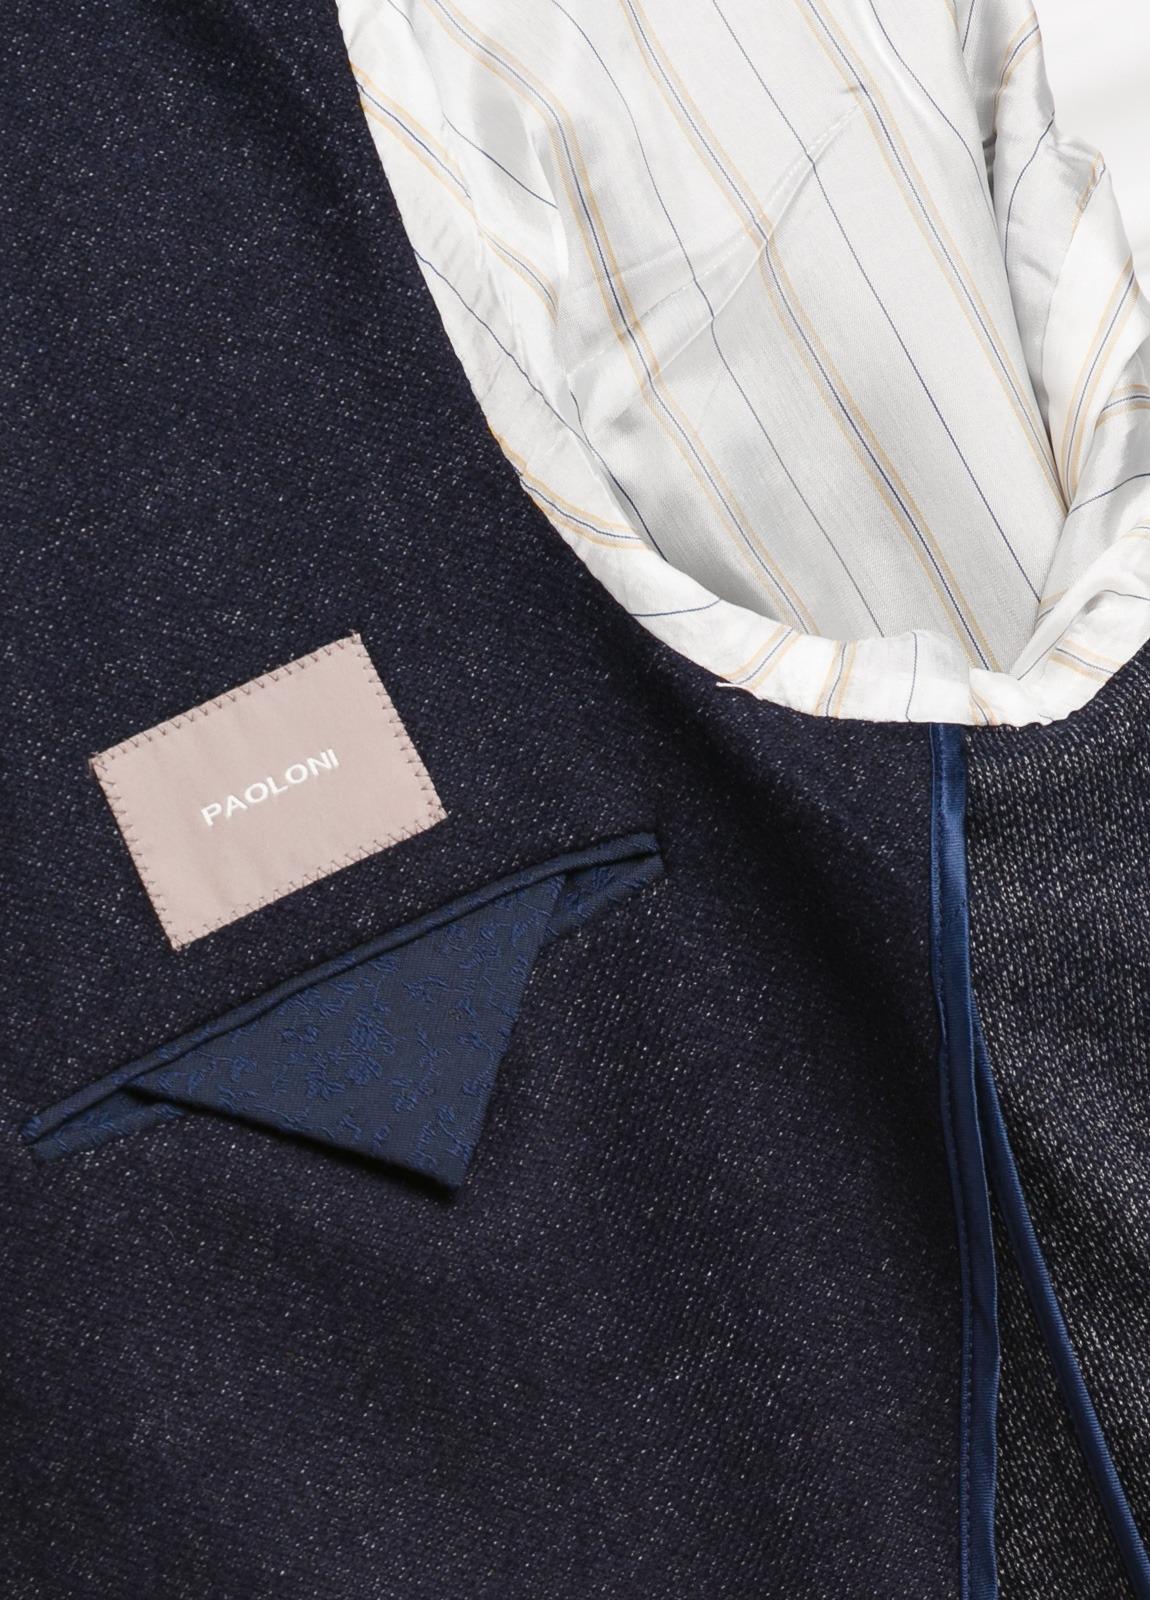 Americana 2 botones SLIM FIT Oxford, color azul marino con botones al tono. 53% Lana 47% Pol. - Ítem4